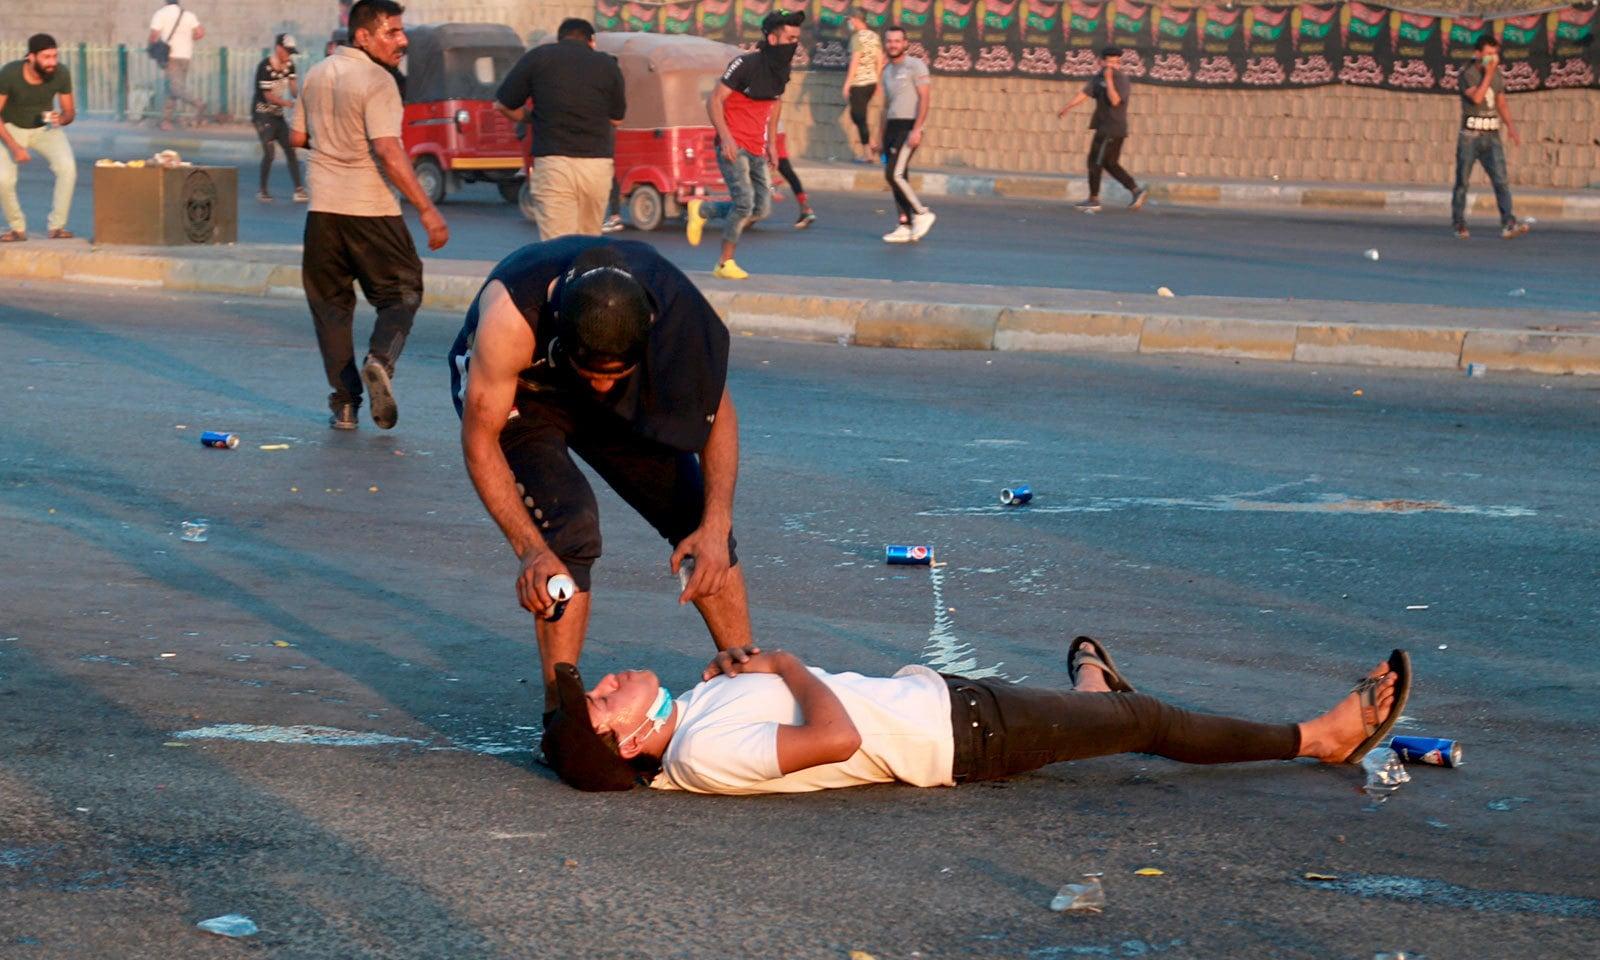 بغداد میں مظاہرے کے دوران زخمی ہونے والا ایک شخص زمین پر لیٹا ہوا ہے — فوٹو: اے پی